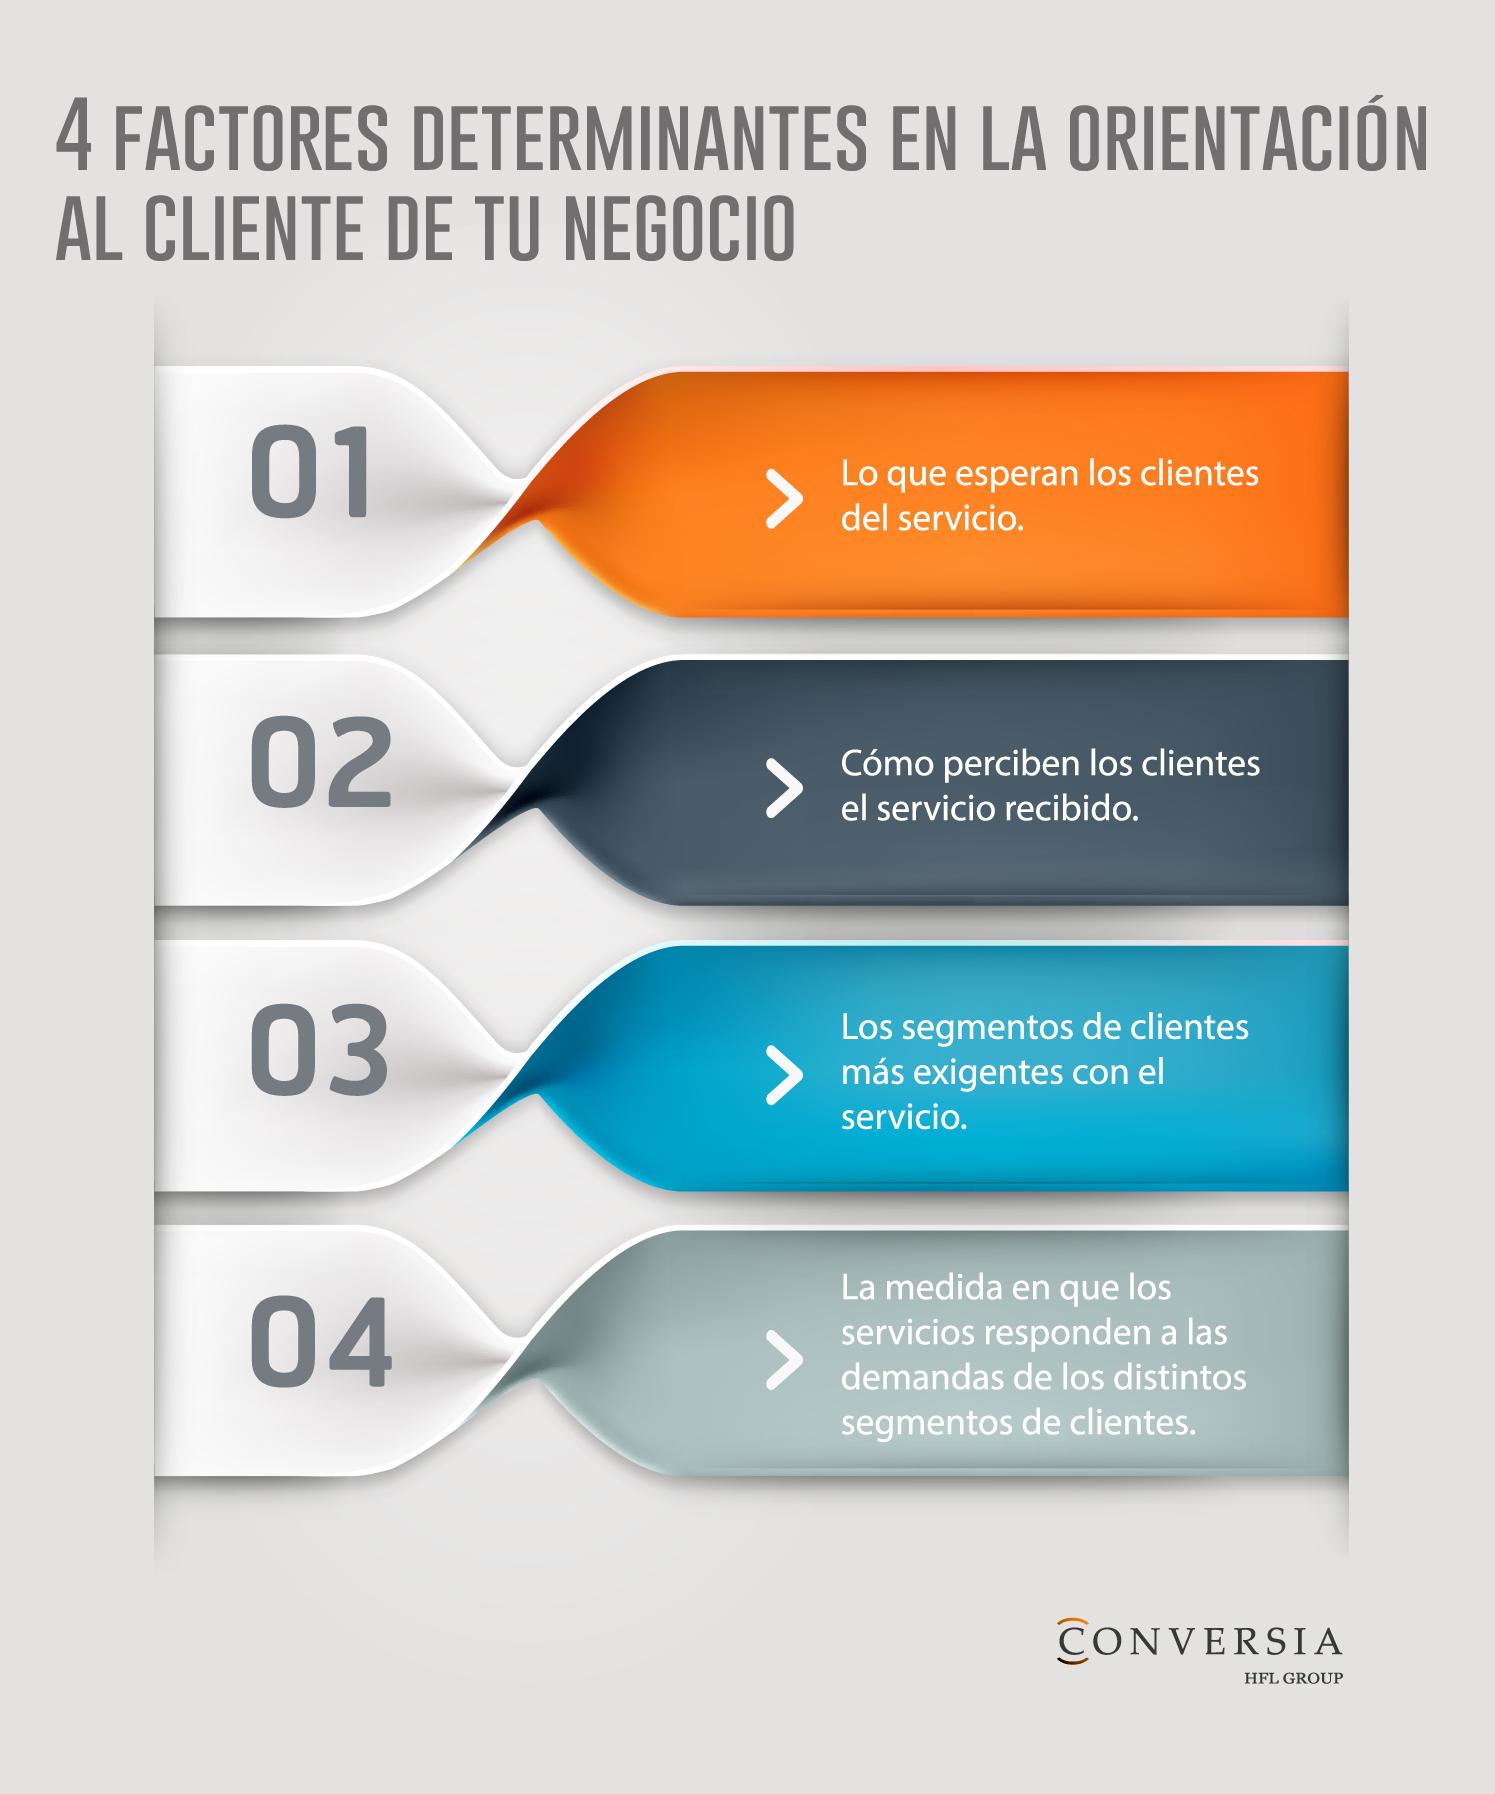 infografia-conversia-4-factores-para-orientar-negocio-a-cliente